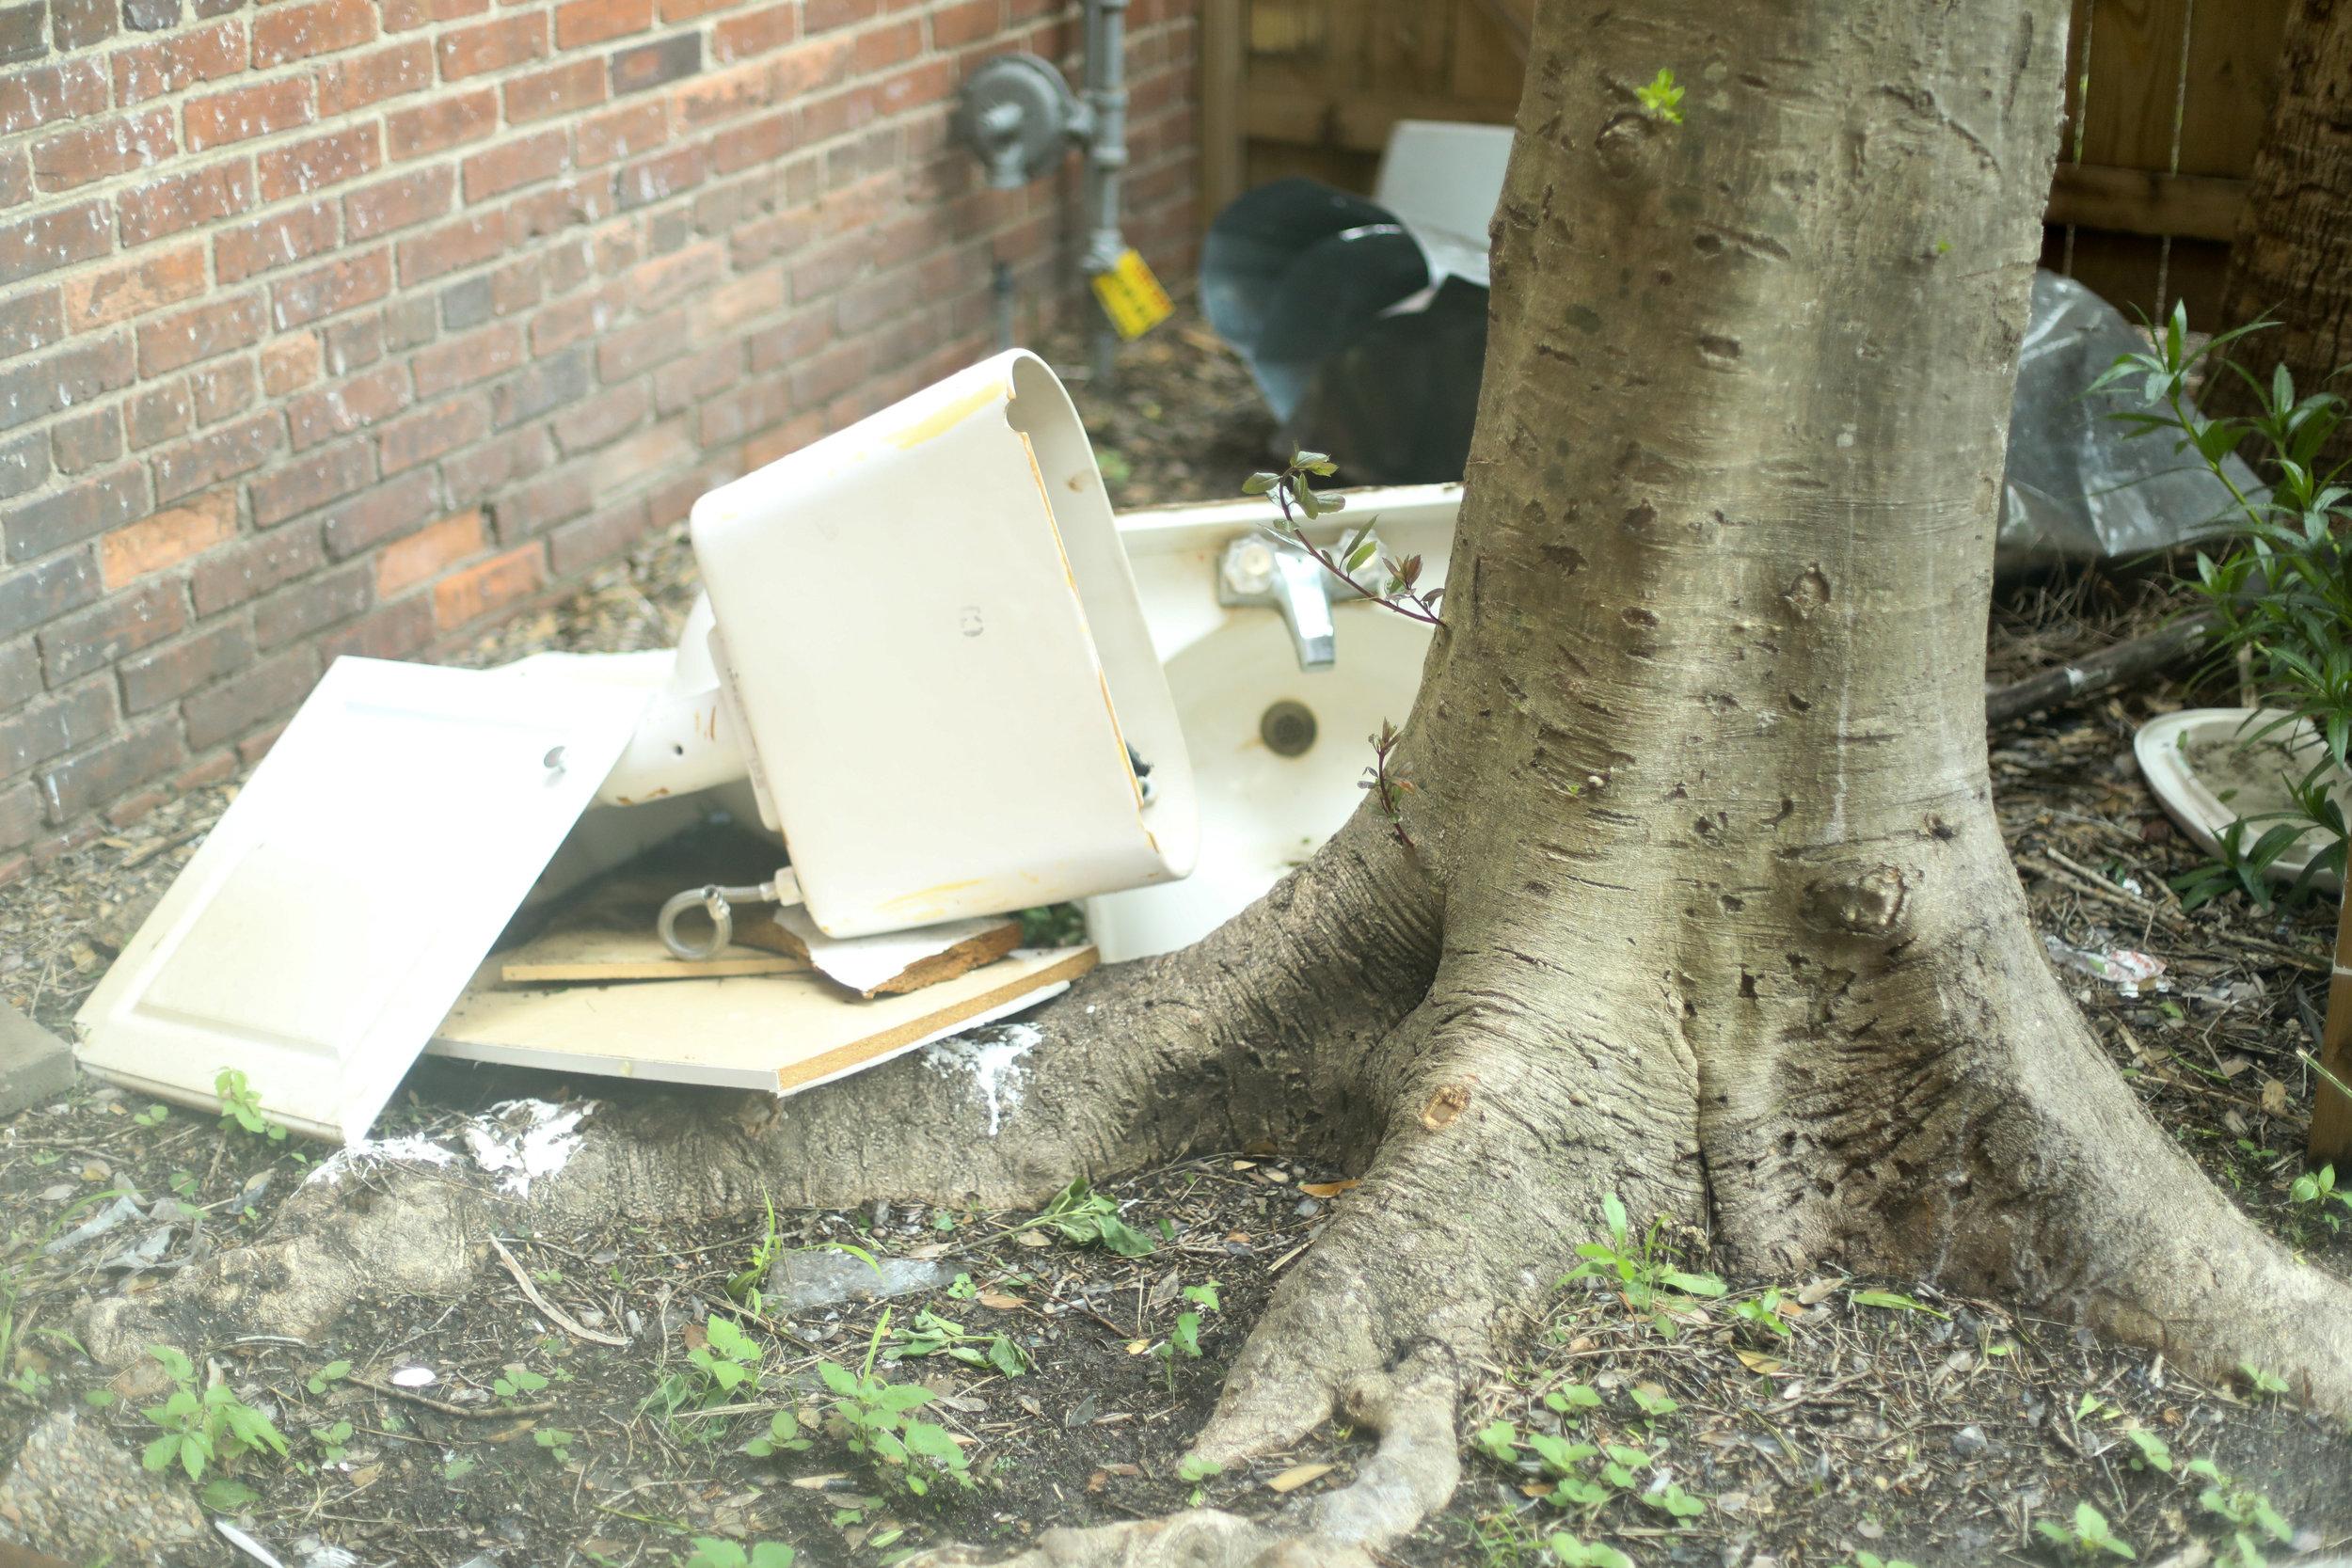 Broken toilet sits beside tree roots